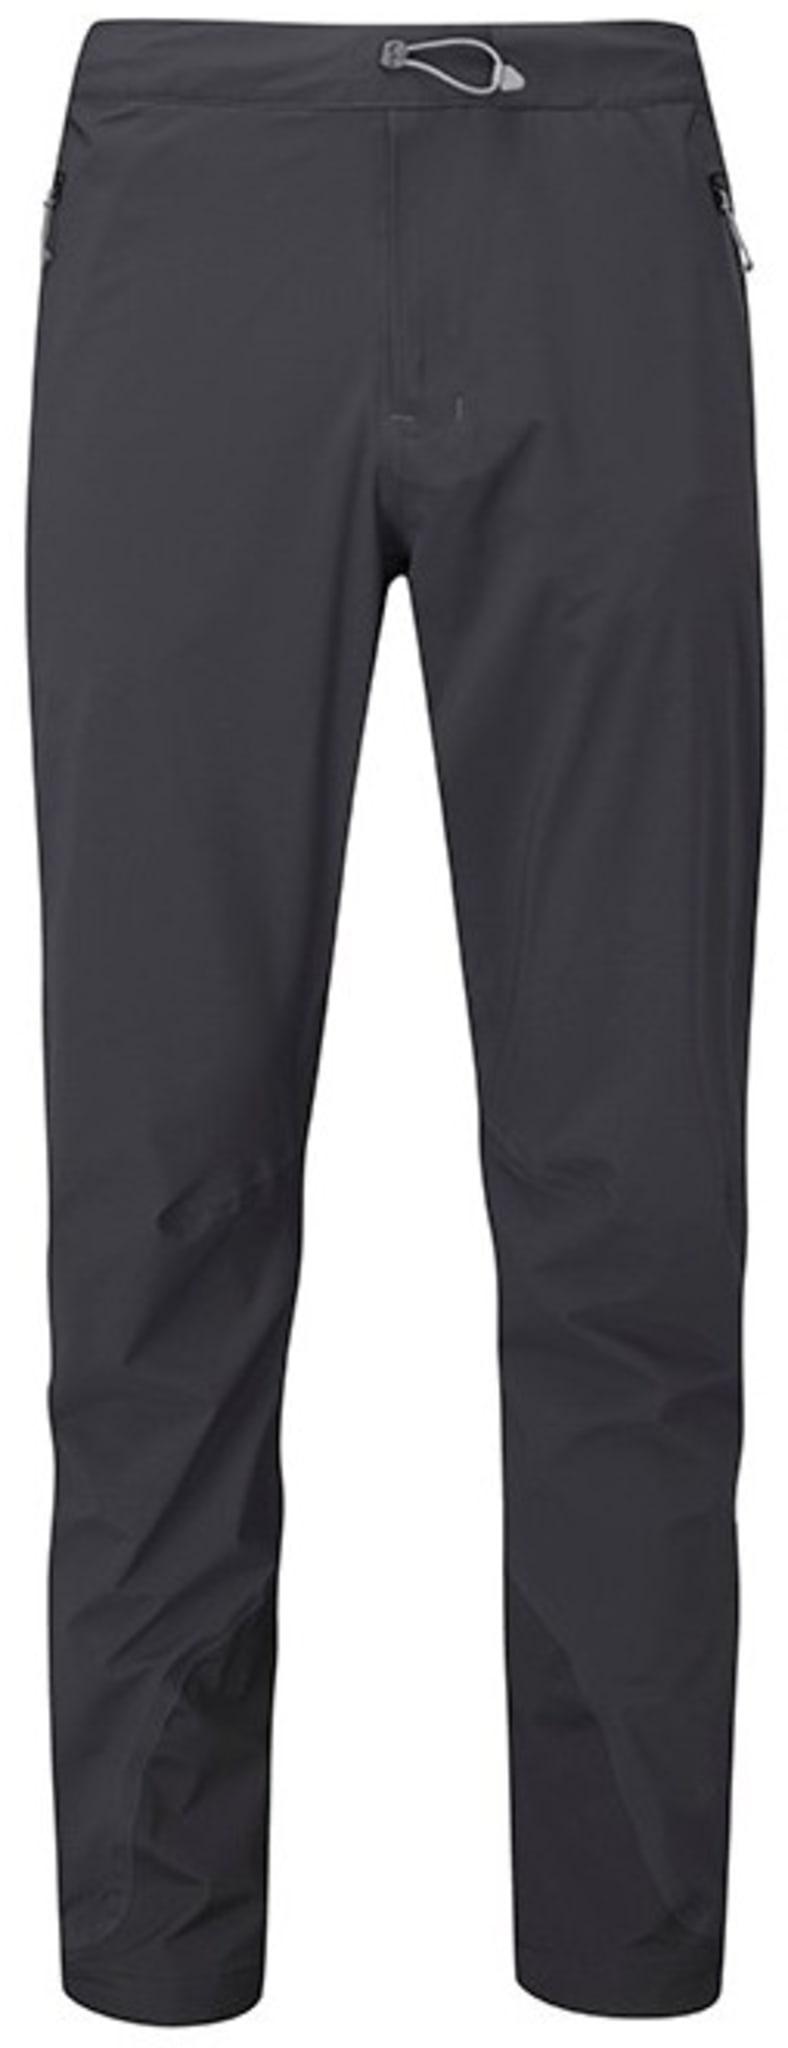 Buksen som beskytter deg mot vær og vind hele dagen